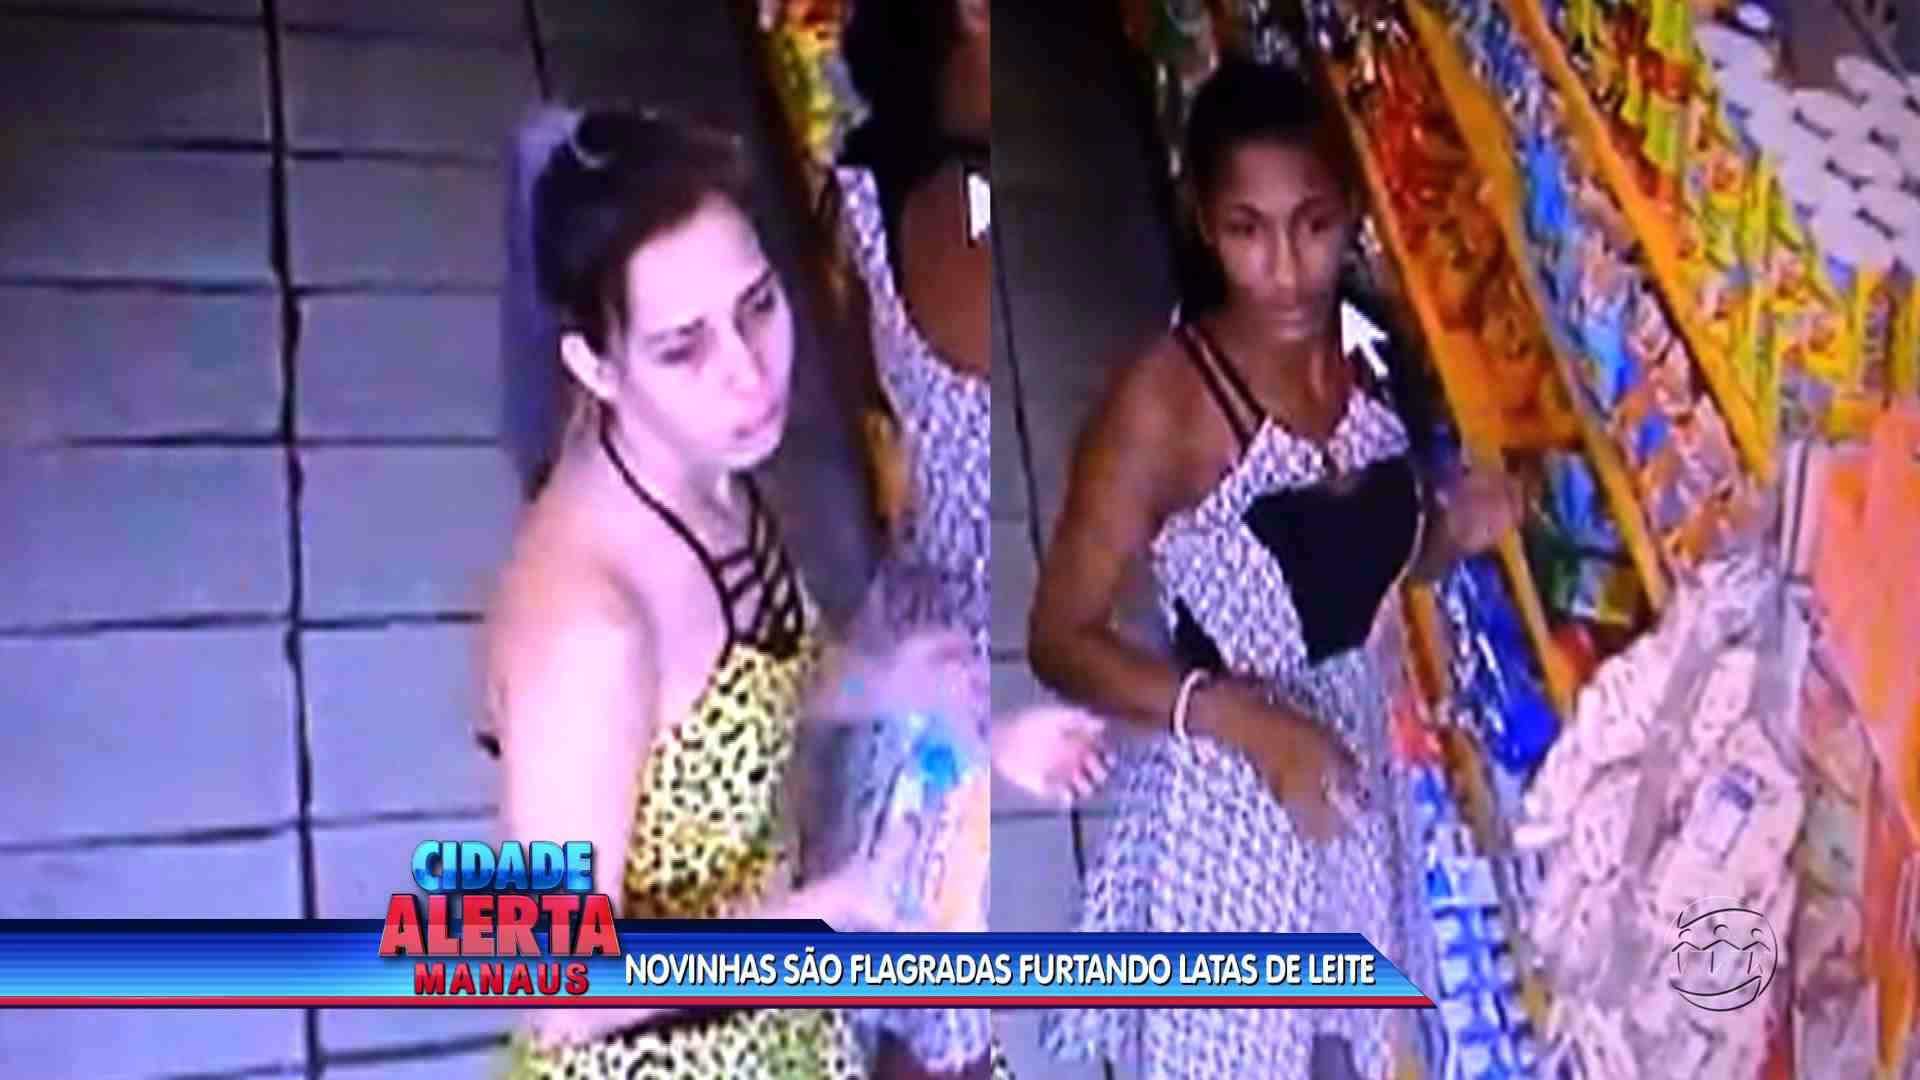 MULHERES ROUBAM LATAS DE LEITE E ESCONDEM EMBAIXO DA SAIA - Cidade Alerta Manaus 27/06/17 - A Crítica na TV 28/06/2017